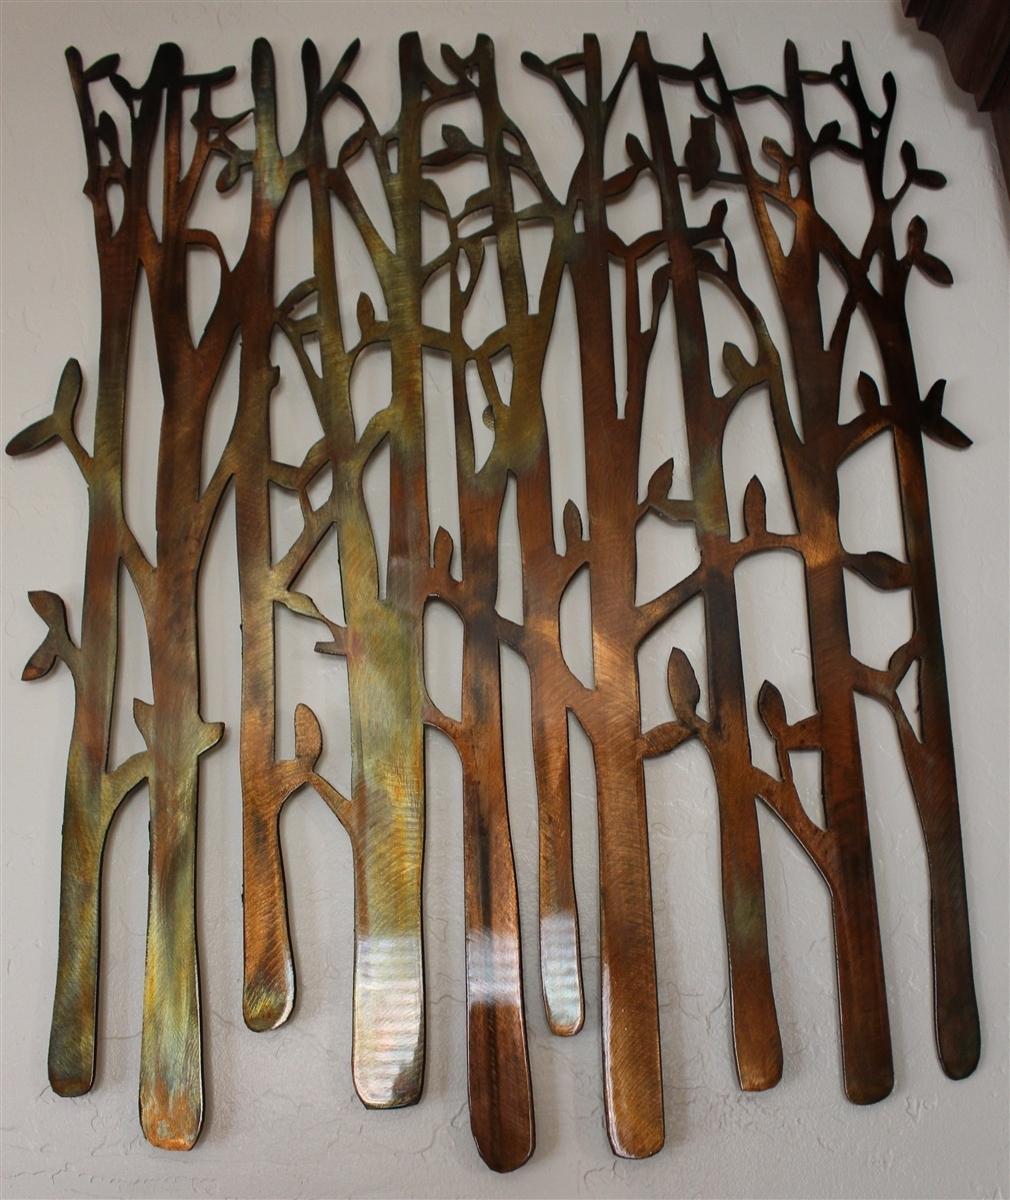 Birch Tree, Birch Tree Metal Art, Bamboo, Bird In The Trees, Bird On with regard to Metal Wall Art Trees (Image 3 of 20)